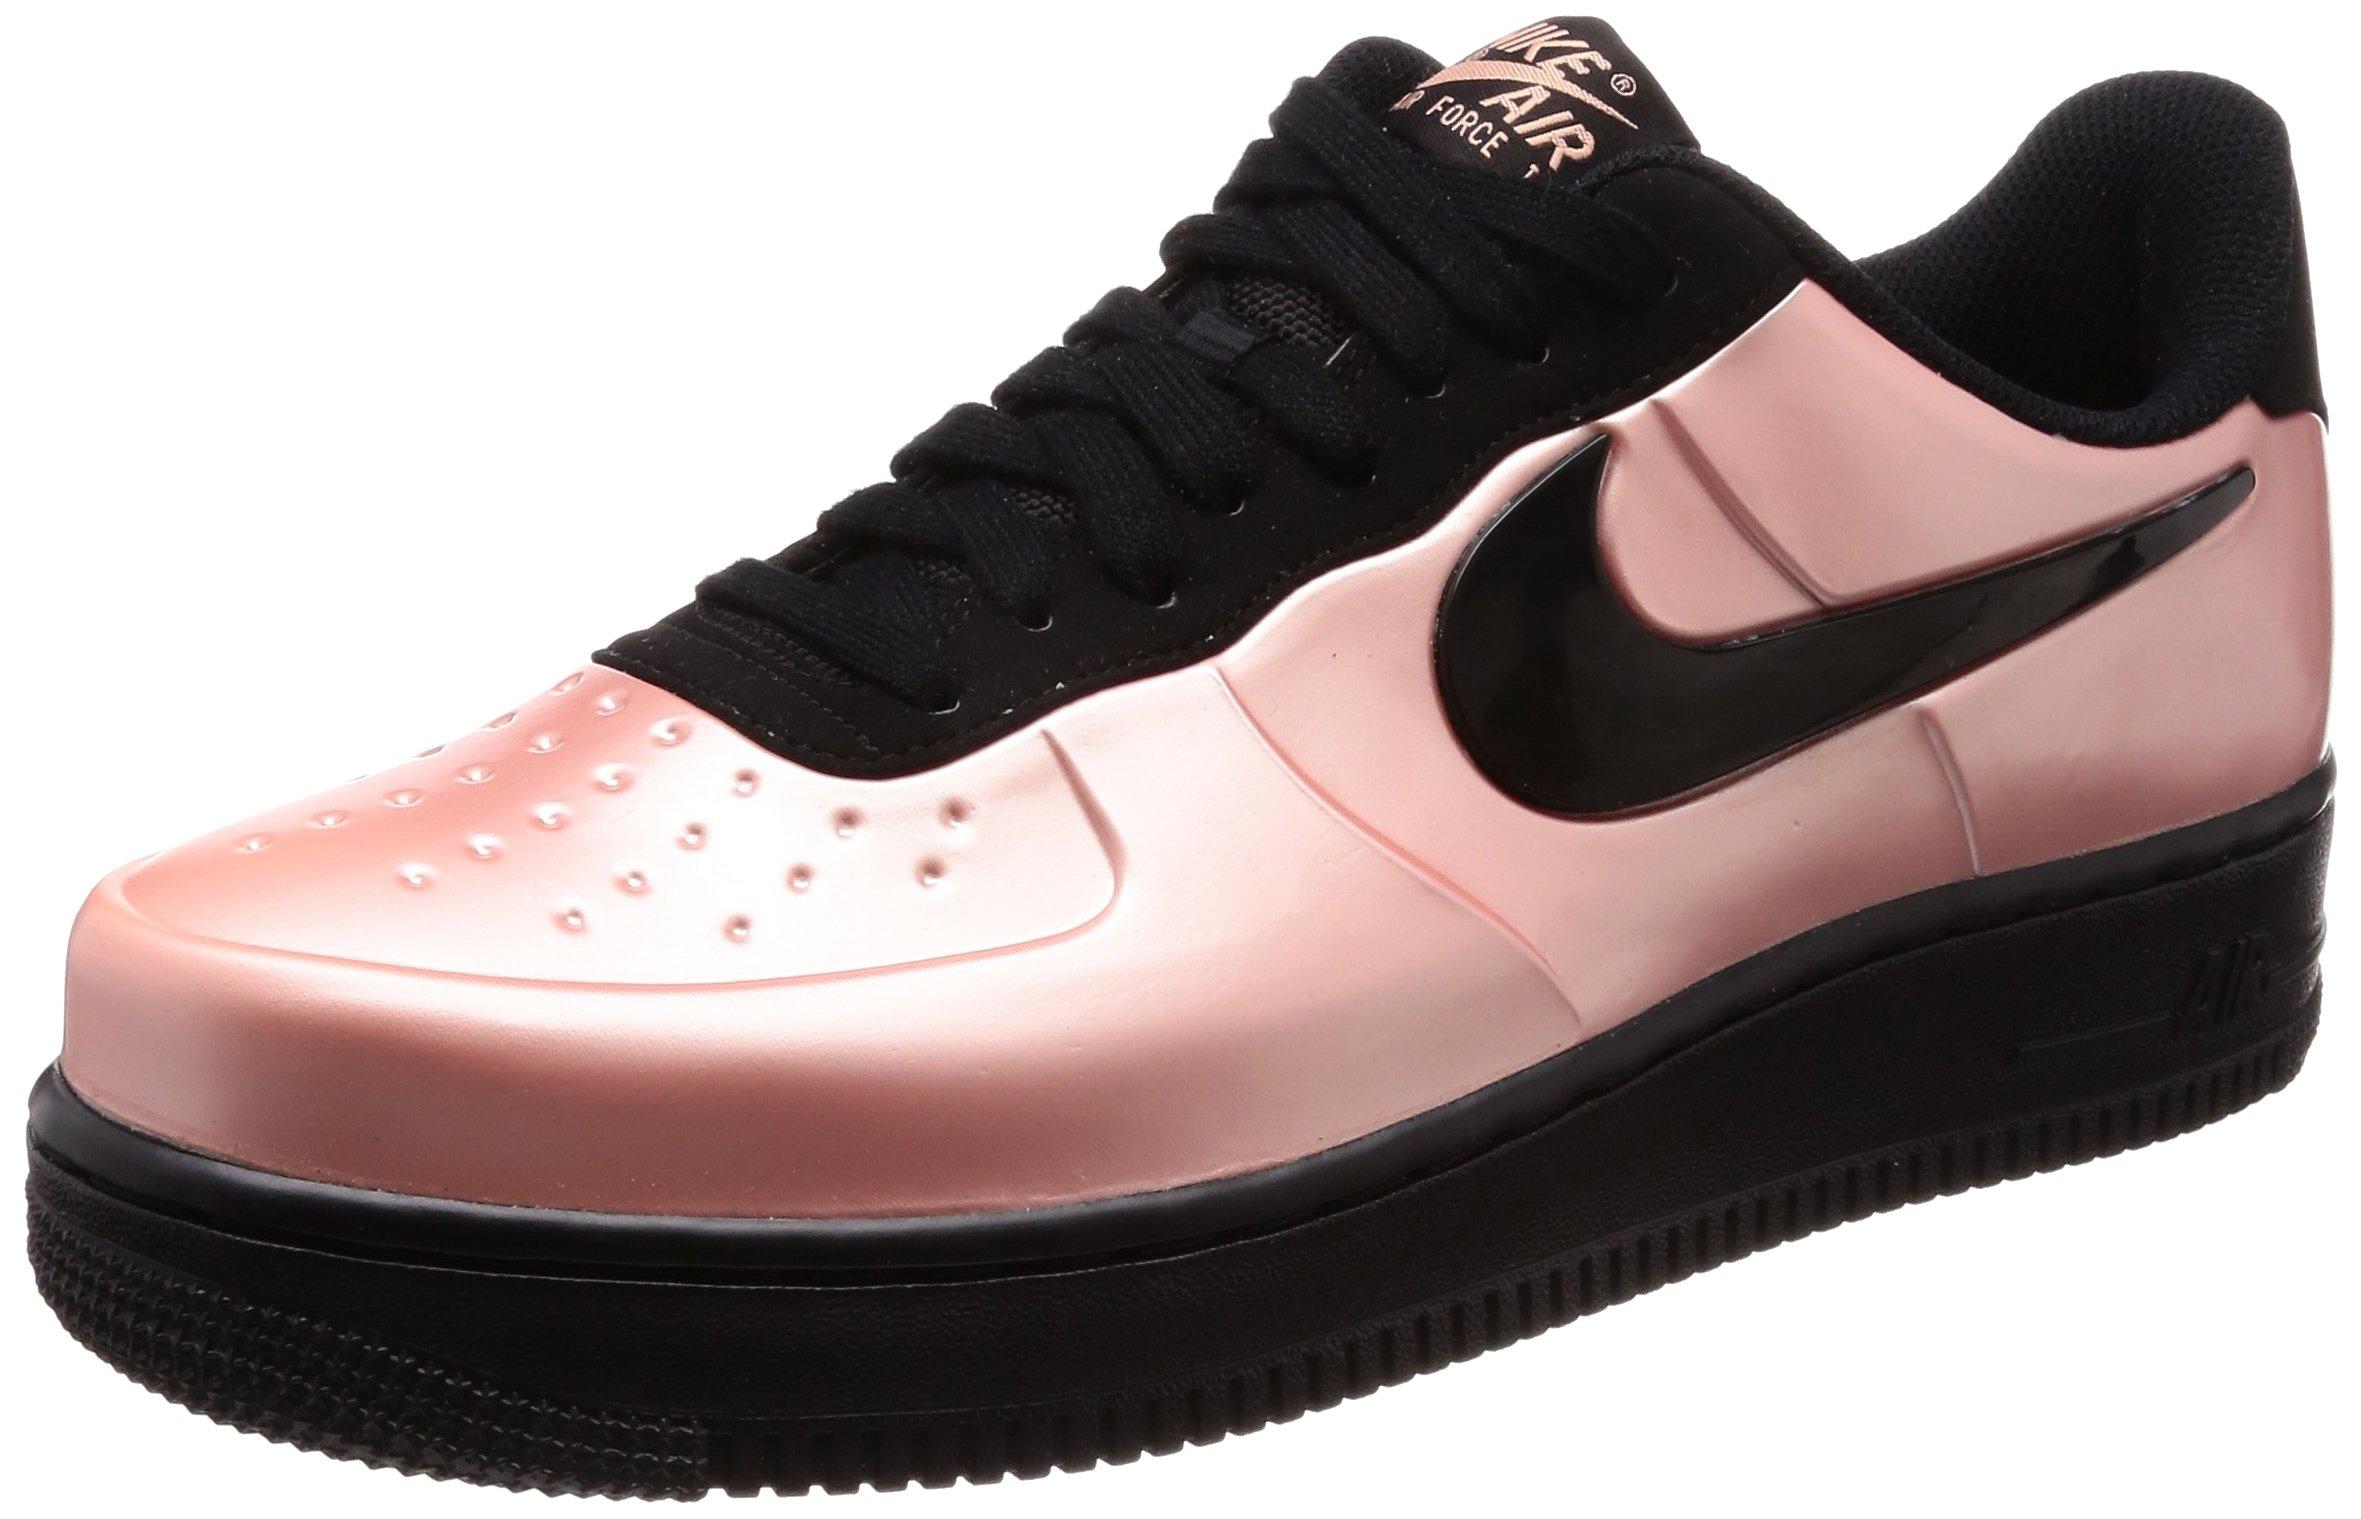 separation shoes 0522e 0372e Galleon - Nike Men s Air Force 1 Foamposite Pro Cup Coral Stardust  AJ3664-600 (Size  7.5)